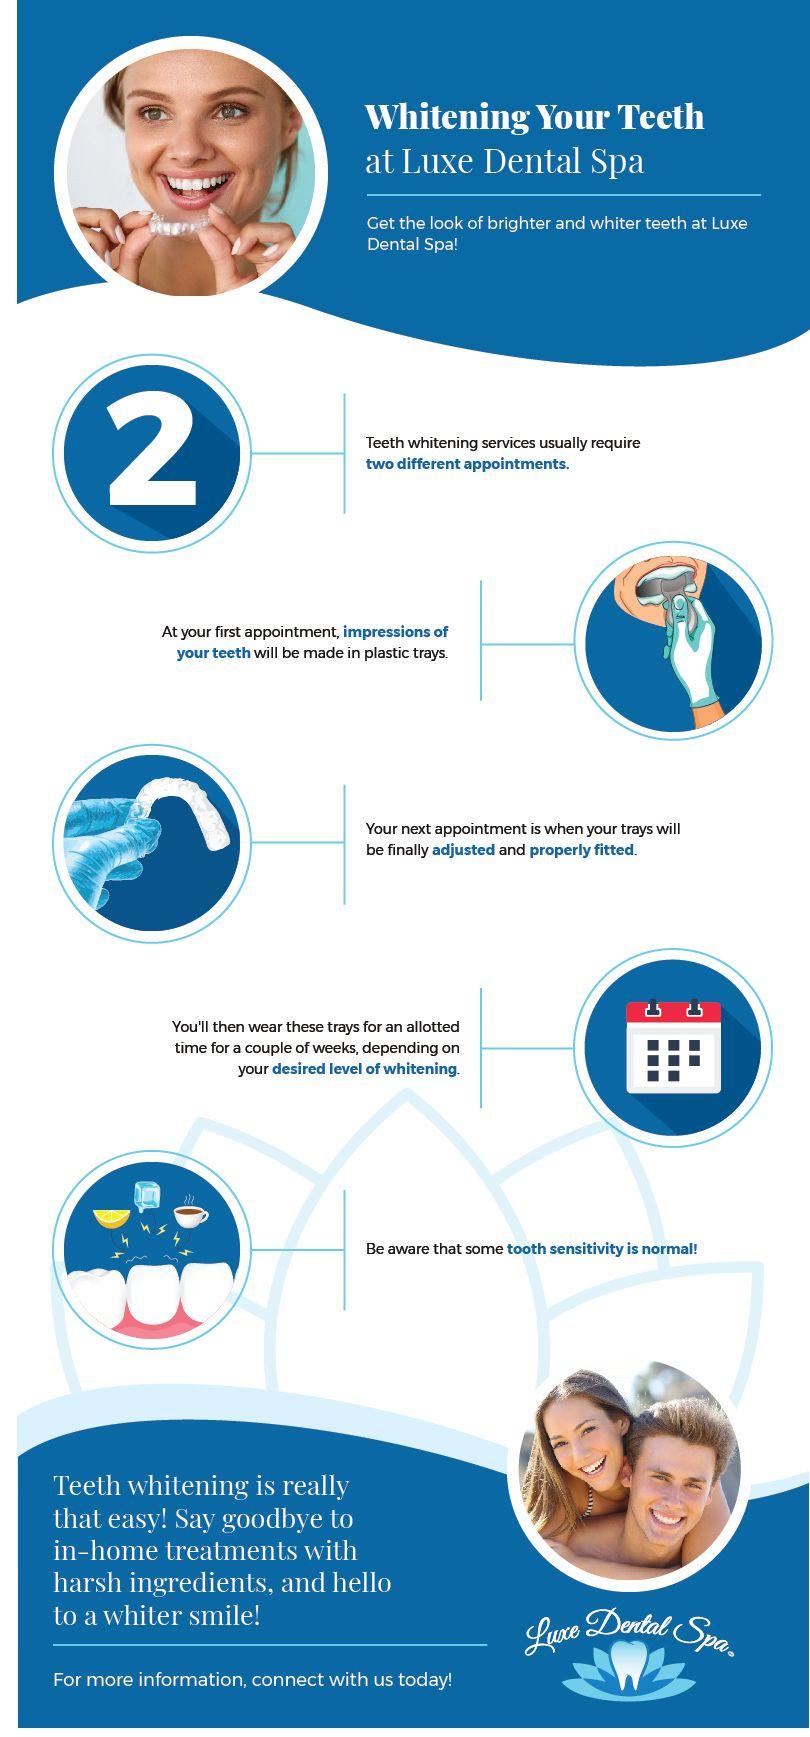 Infographic-LuxDentalSpa-Whitening-5e4ef9ce3f9cb.jpg